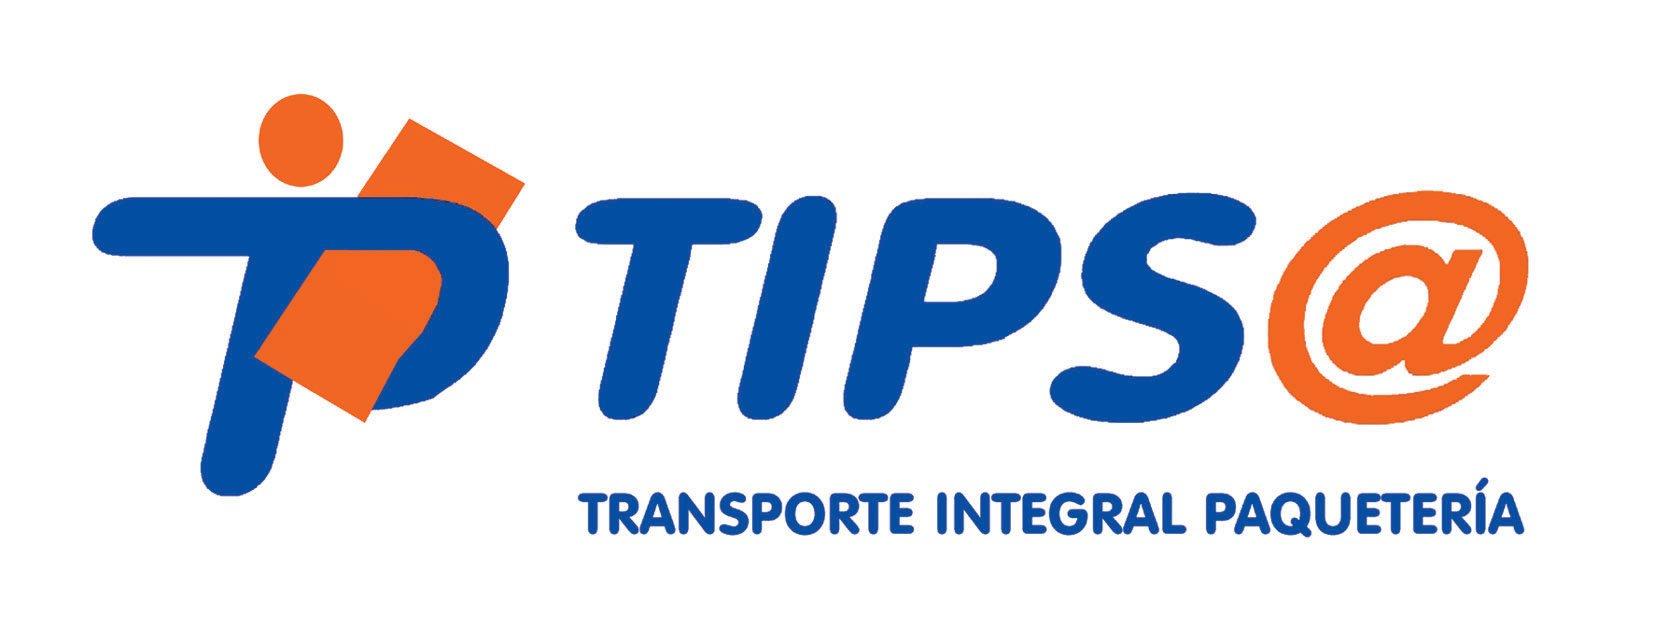 Fem tasques de pintura i reforma a l'empresa Tipsa